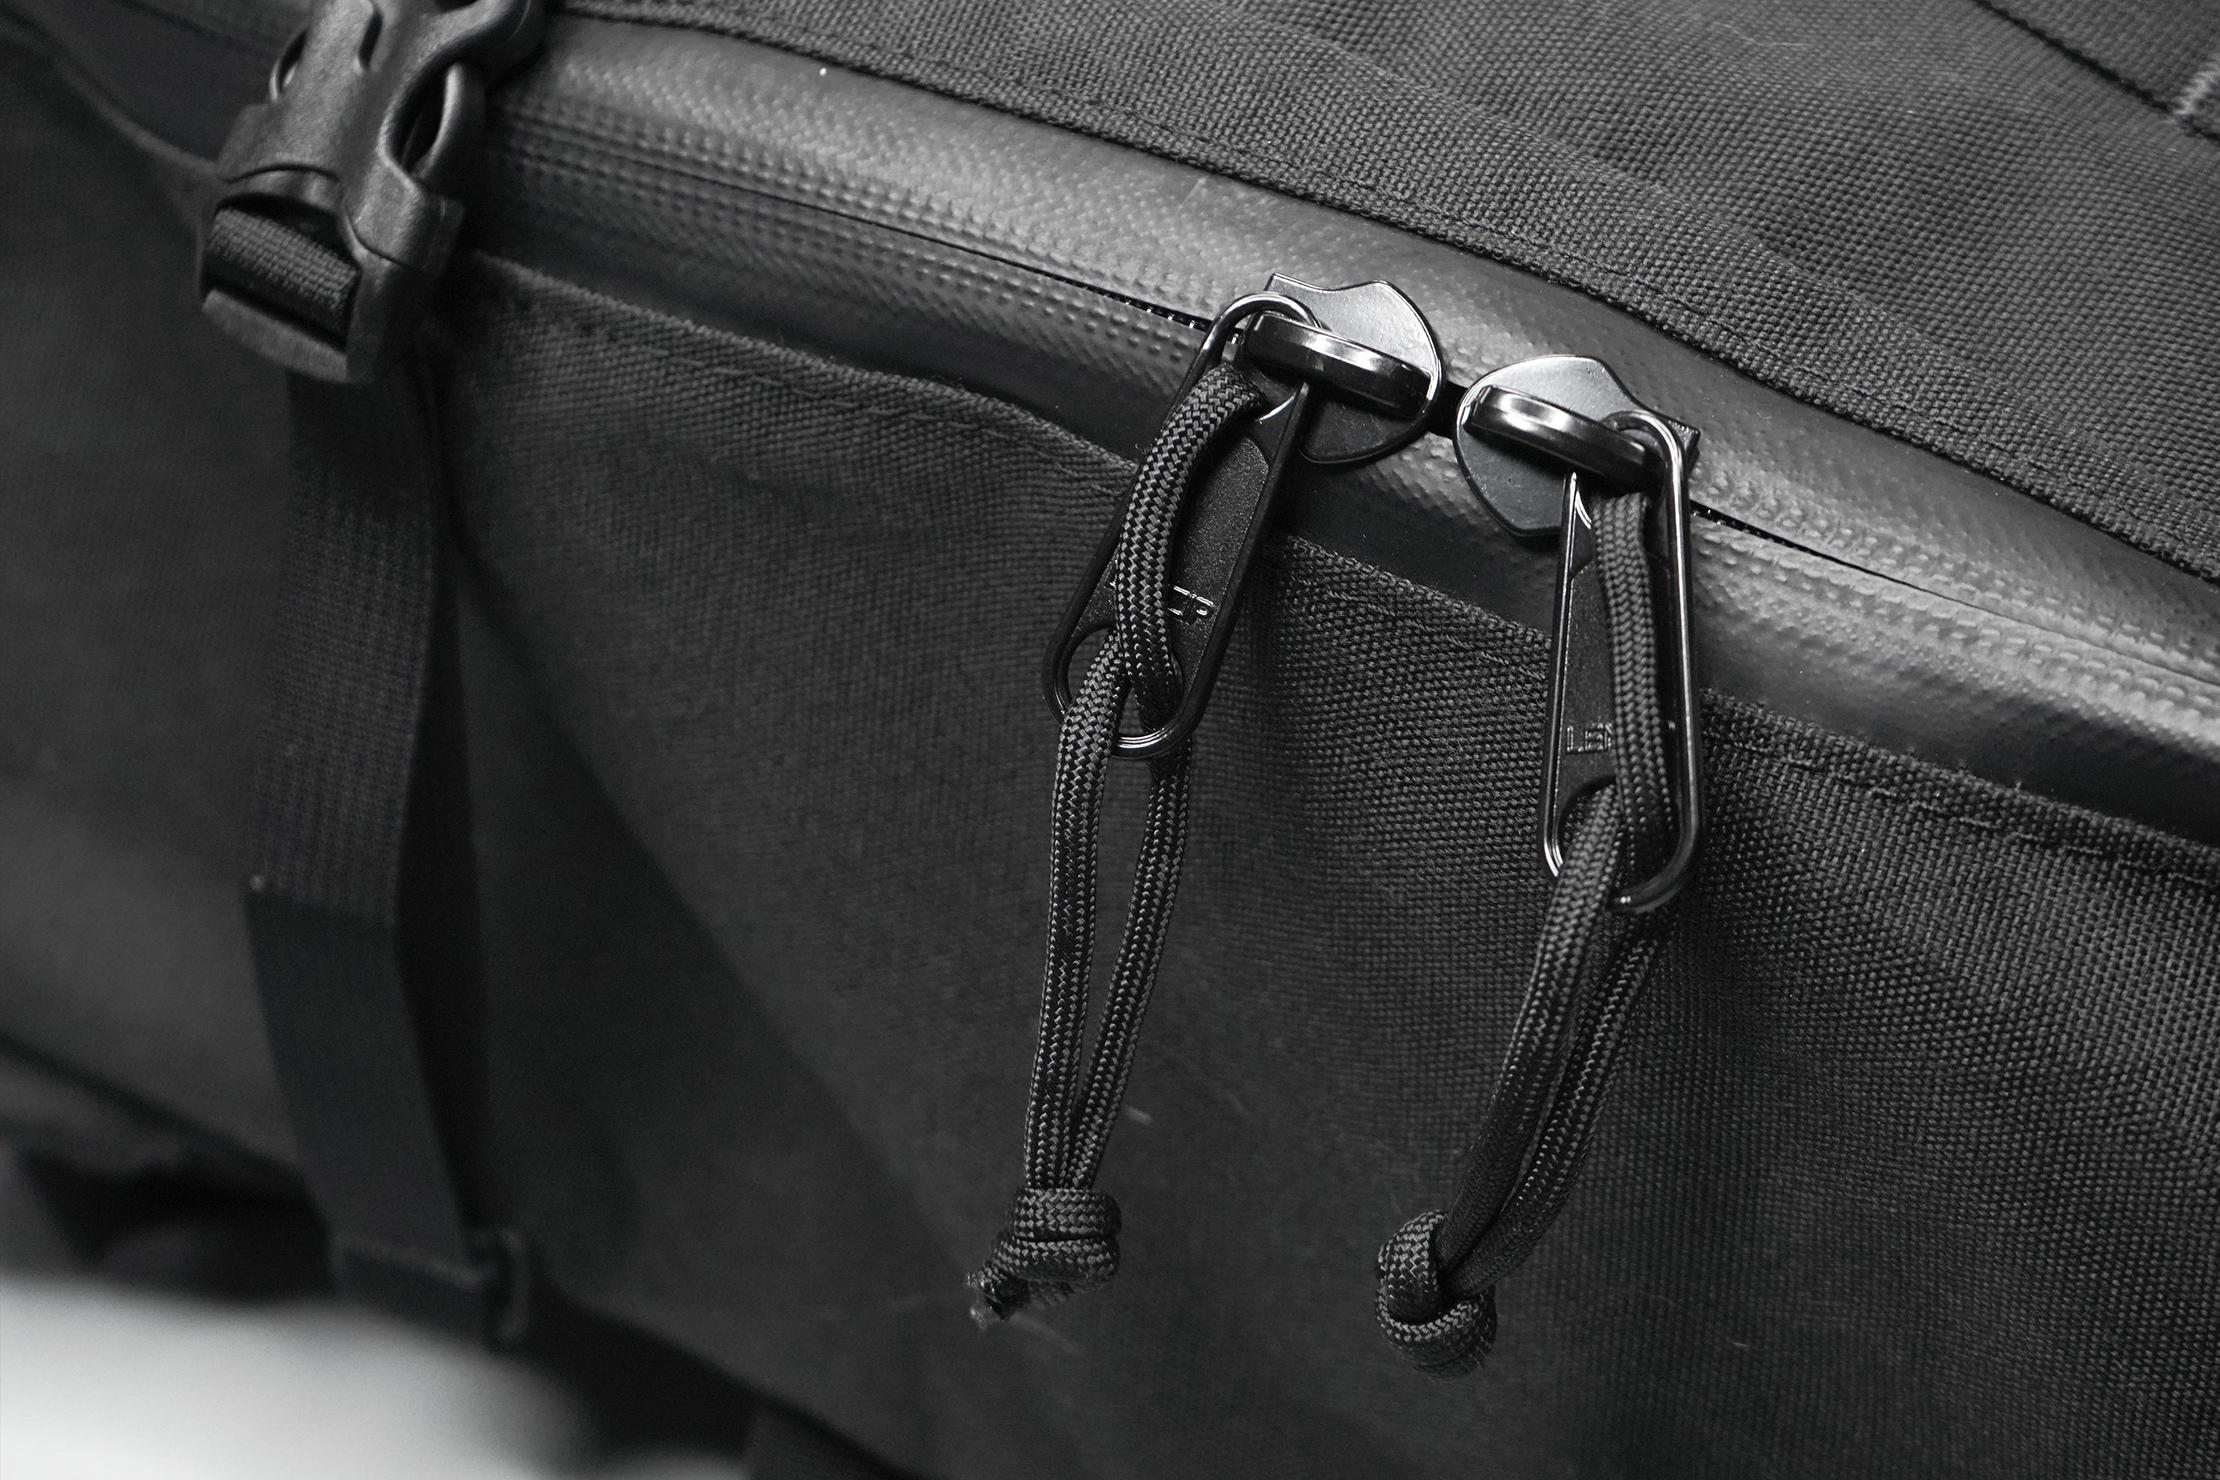 North St. Bags Weekender Backpack Zippers